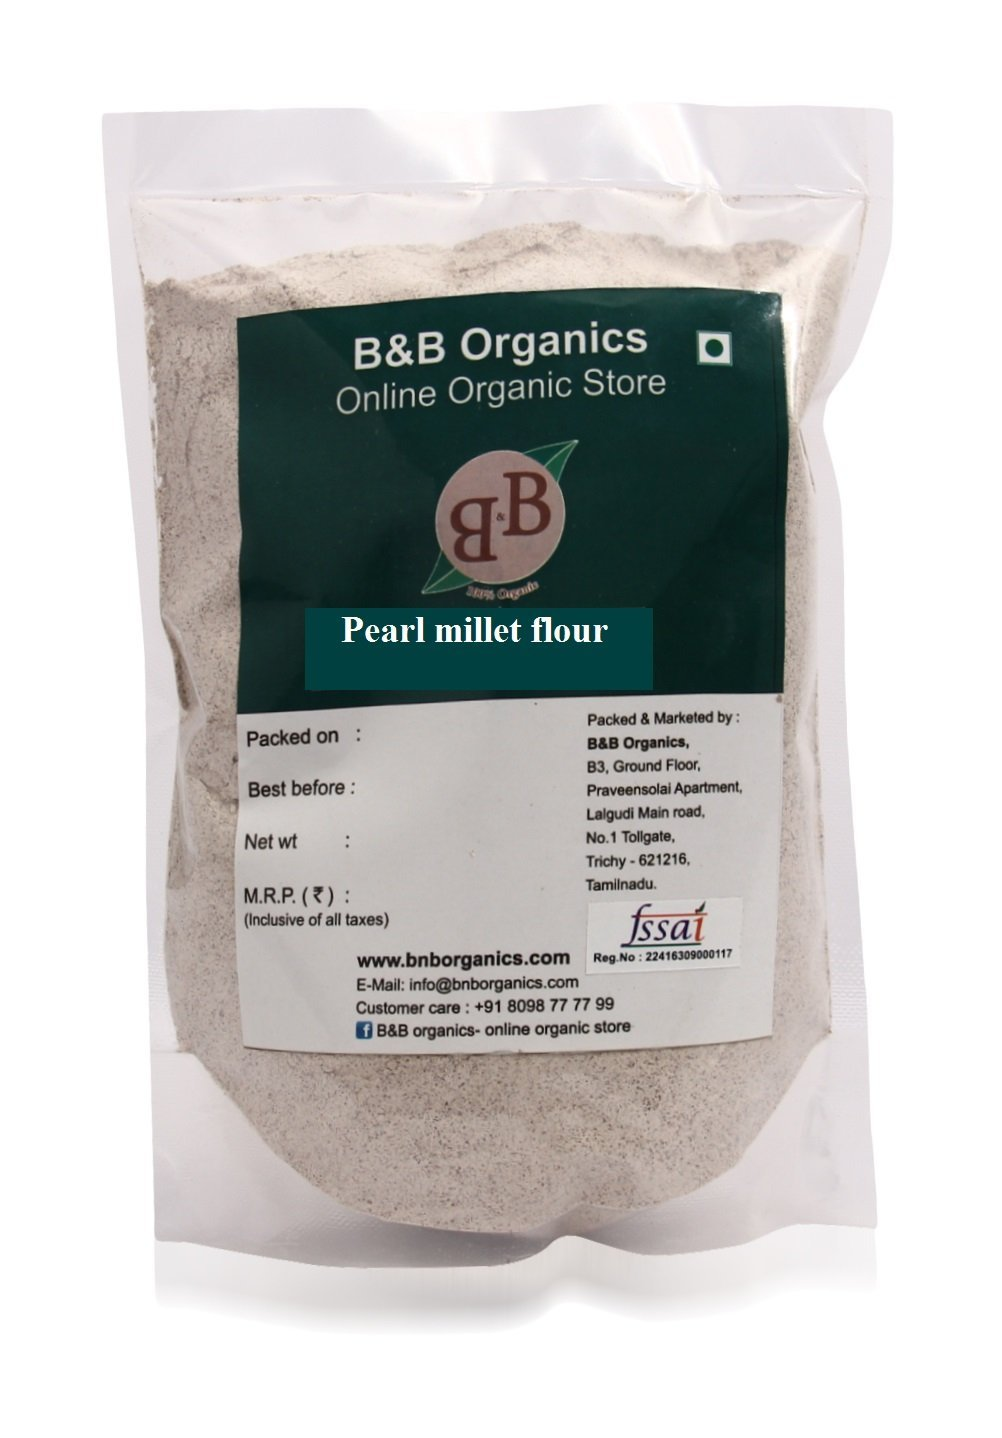 B&B Organics Pearl Millet Flour 5 kg